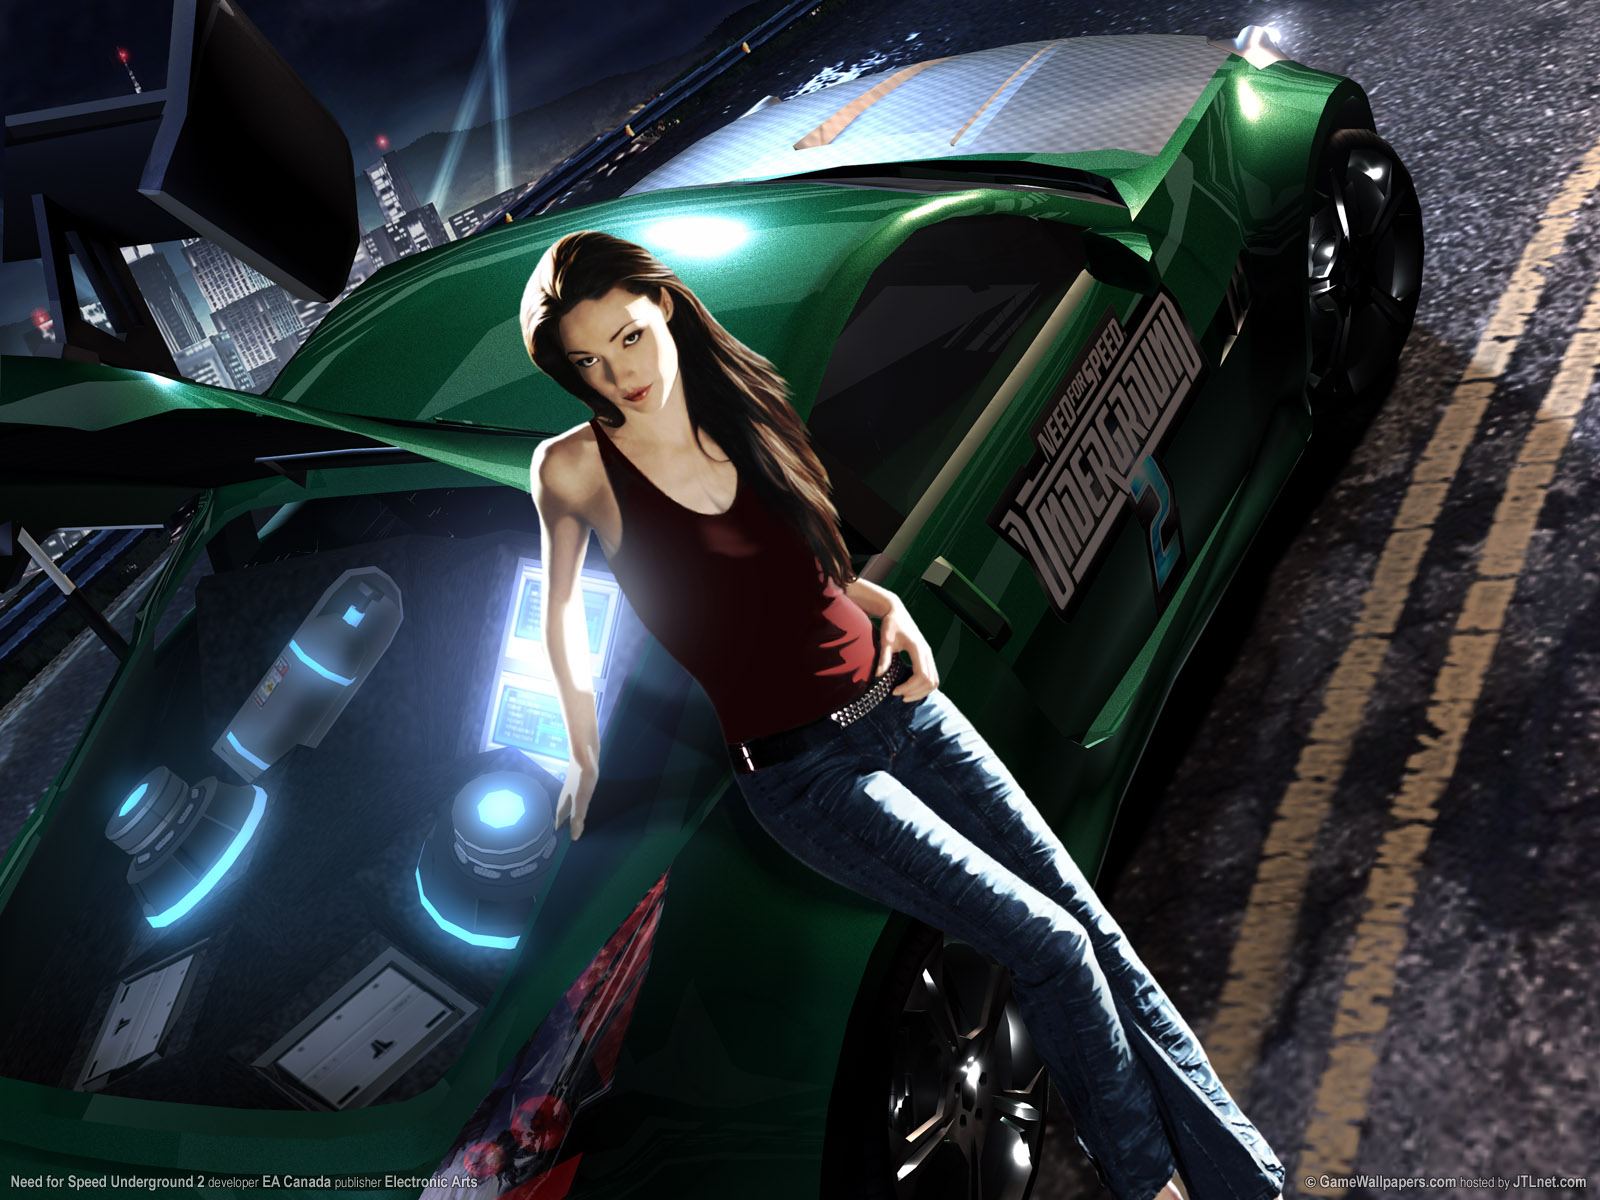 http://2.bp.blogspot.com/-Hg6-3aZRp90/Tf-pFNGvdOI/AAAAAAAAALc/FI5RVdyE9fc/s1600/wallpaper_need_for_speed_underground_2_01_1600.jpg